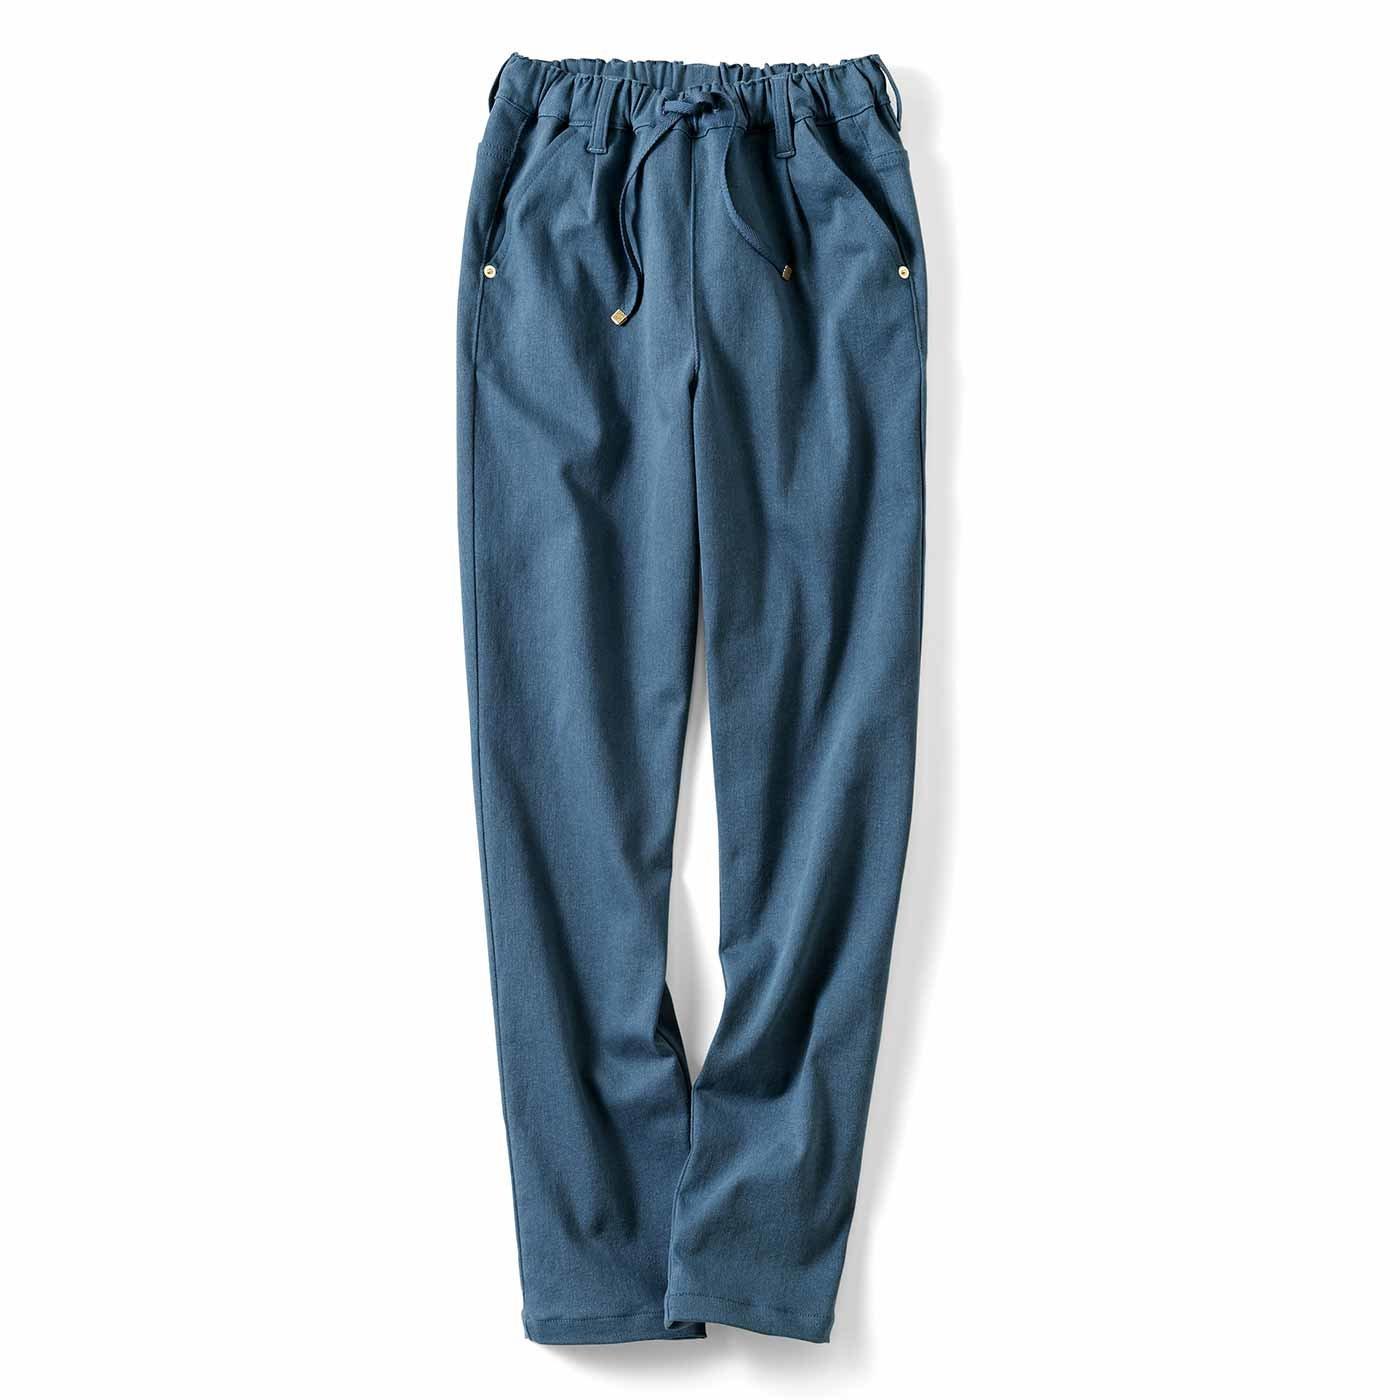 リブ イン コンフォート あったかパンツの新定番! 両面微起毛のやさしいねパンツ〈ブルー〉